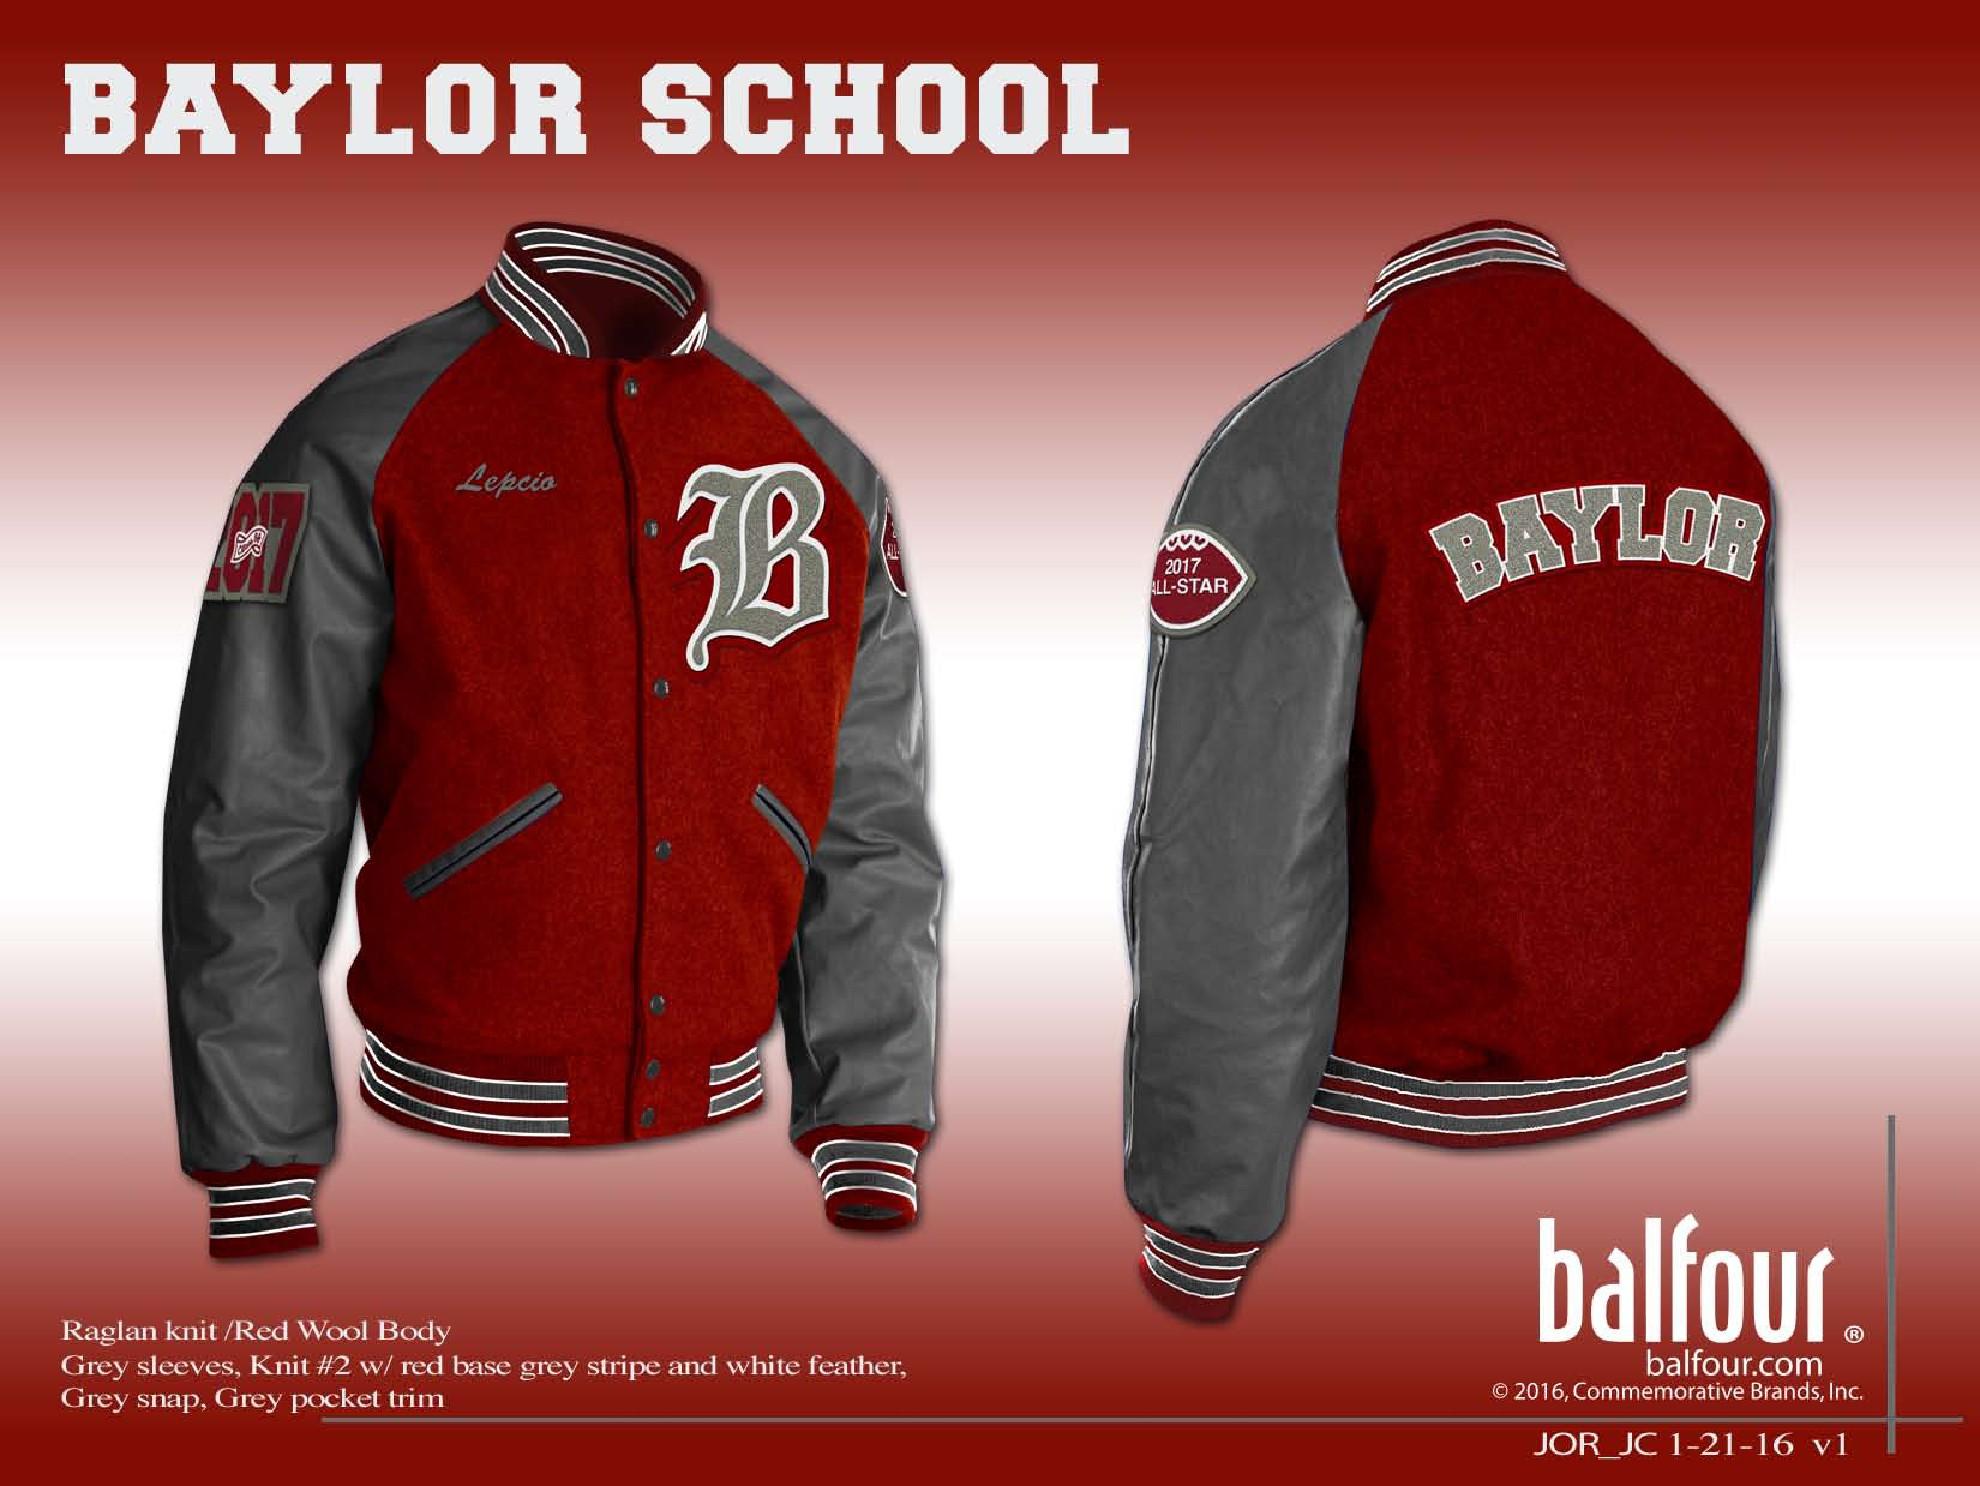 baylor school Letter Jacket